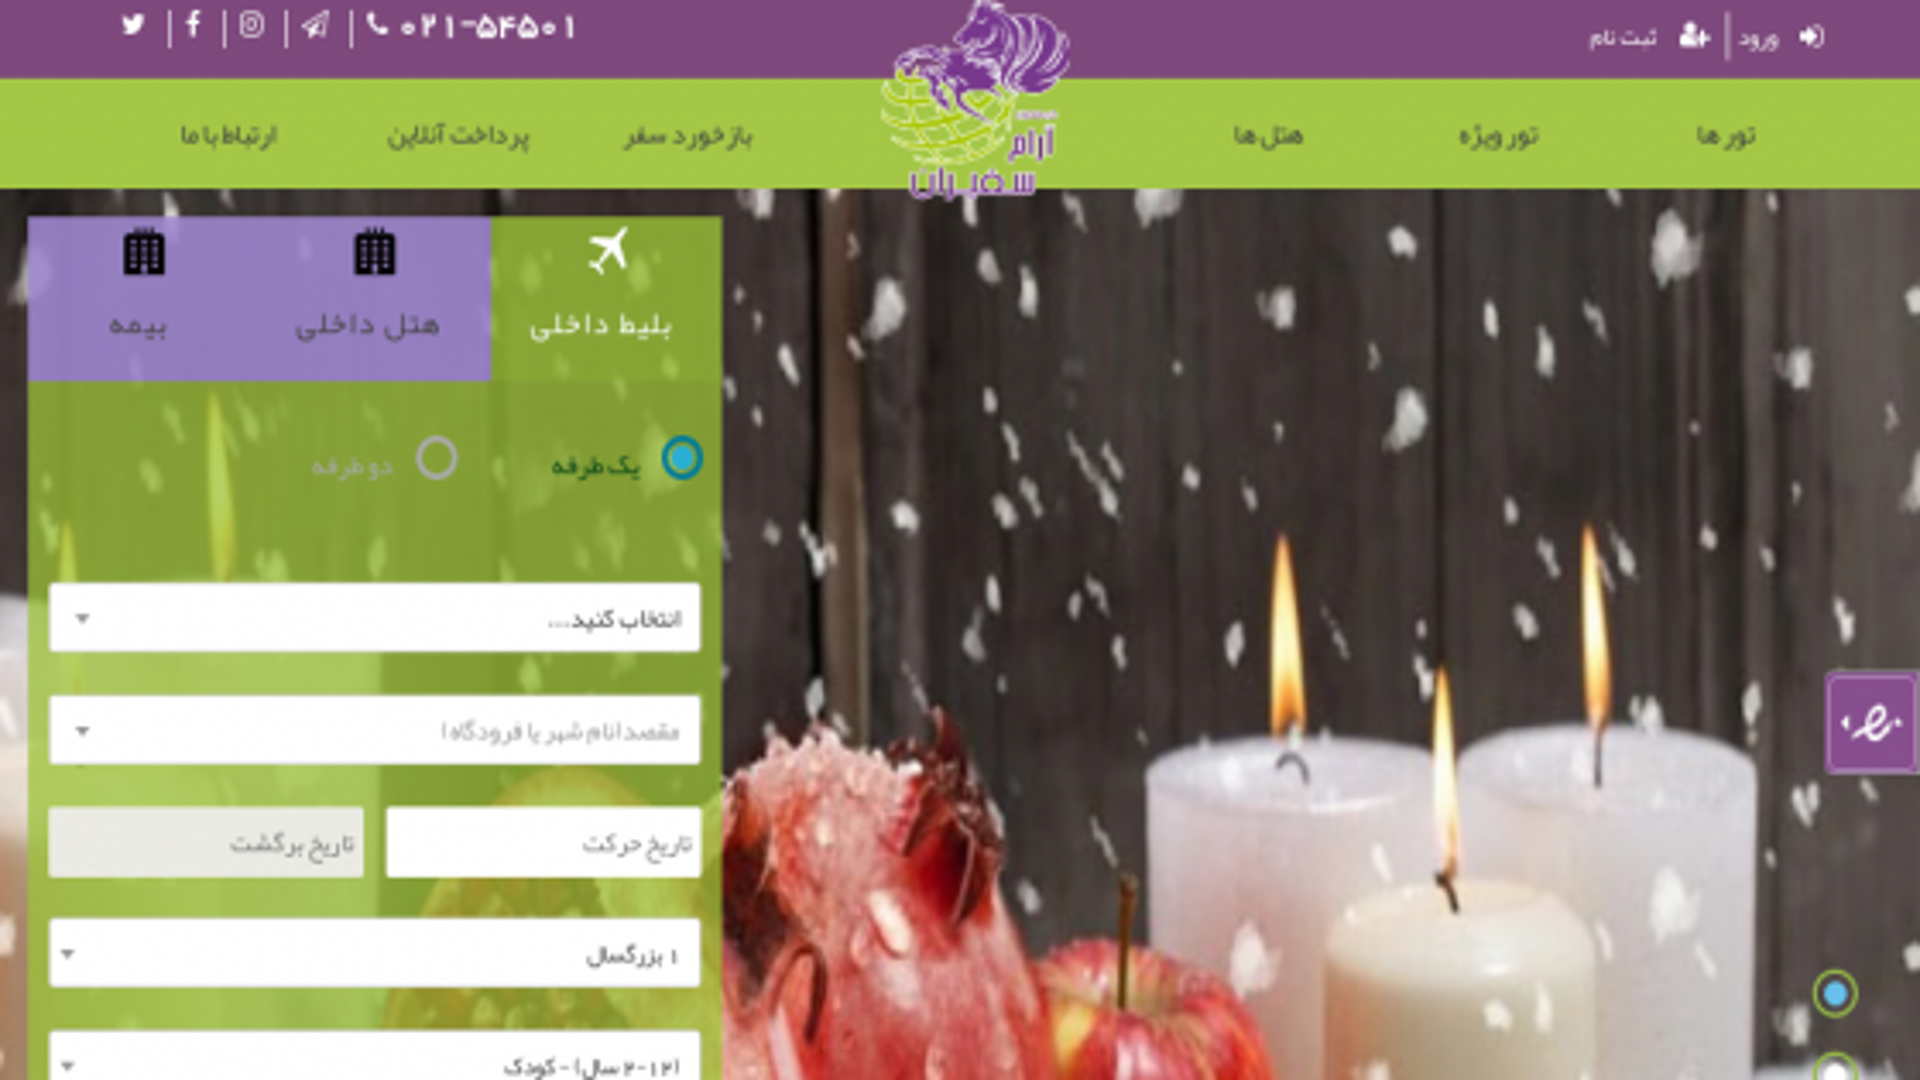 طراحی سیستم - طراحی سایت آژانس مسافرتی آرام سفیران آراد